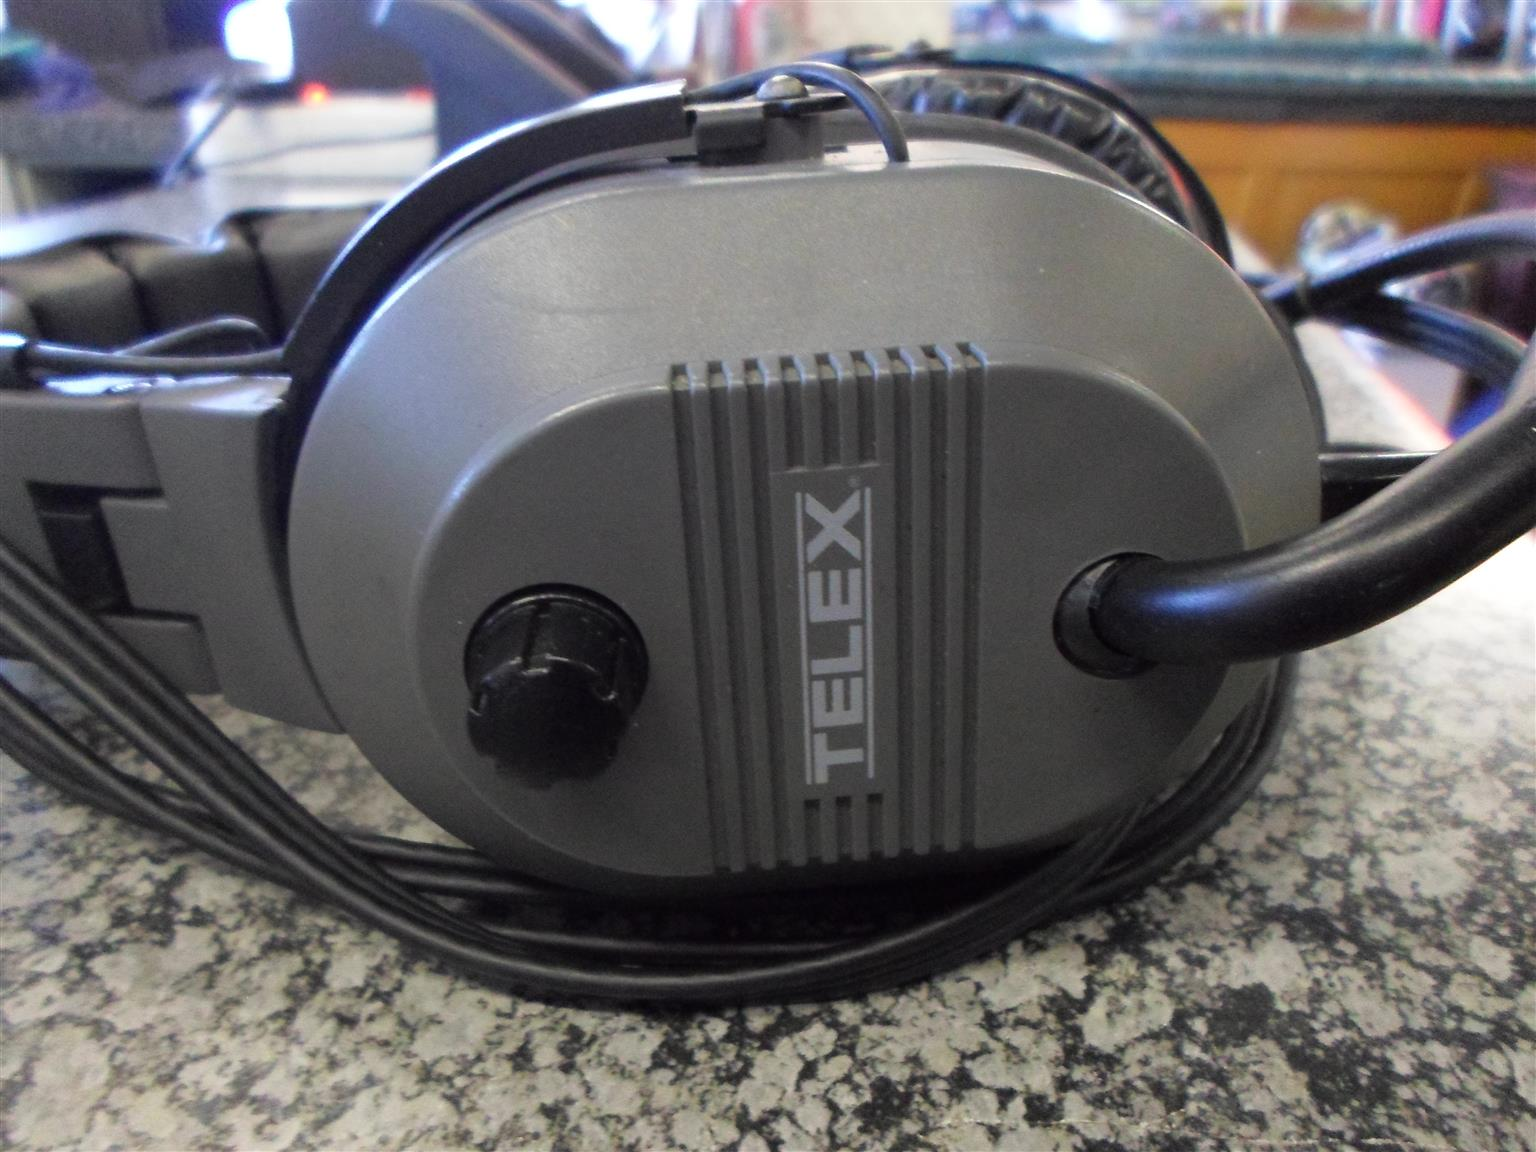 Telex Aviation Earphones